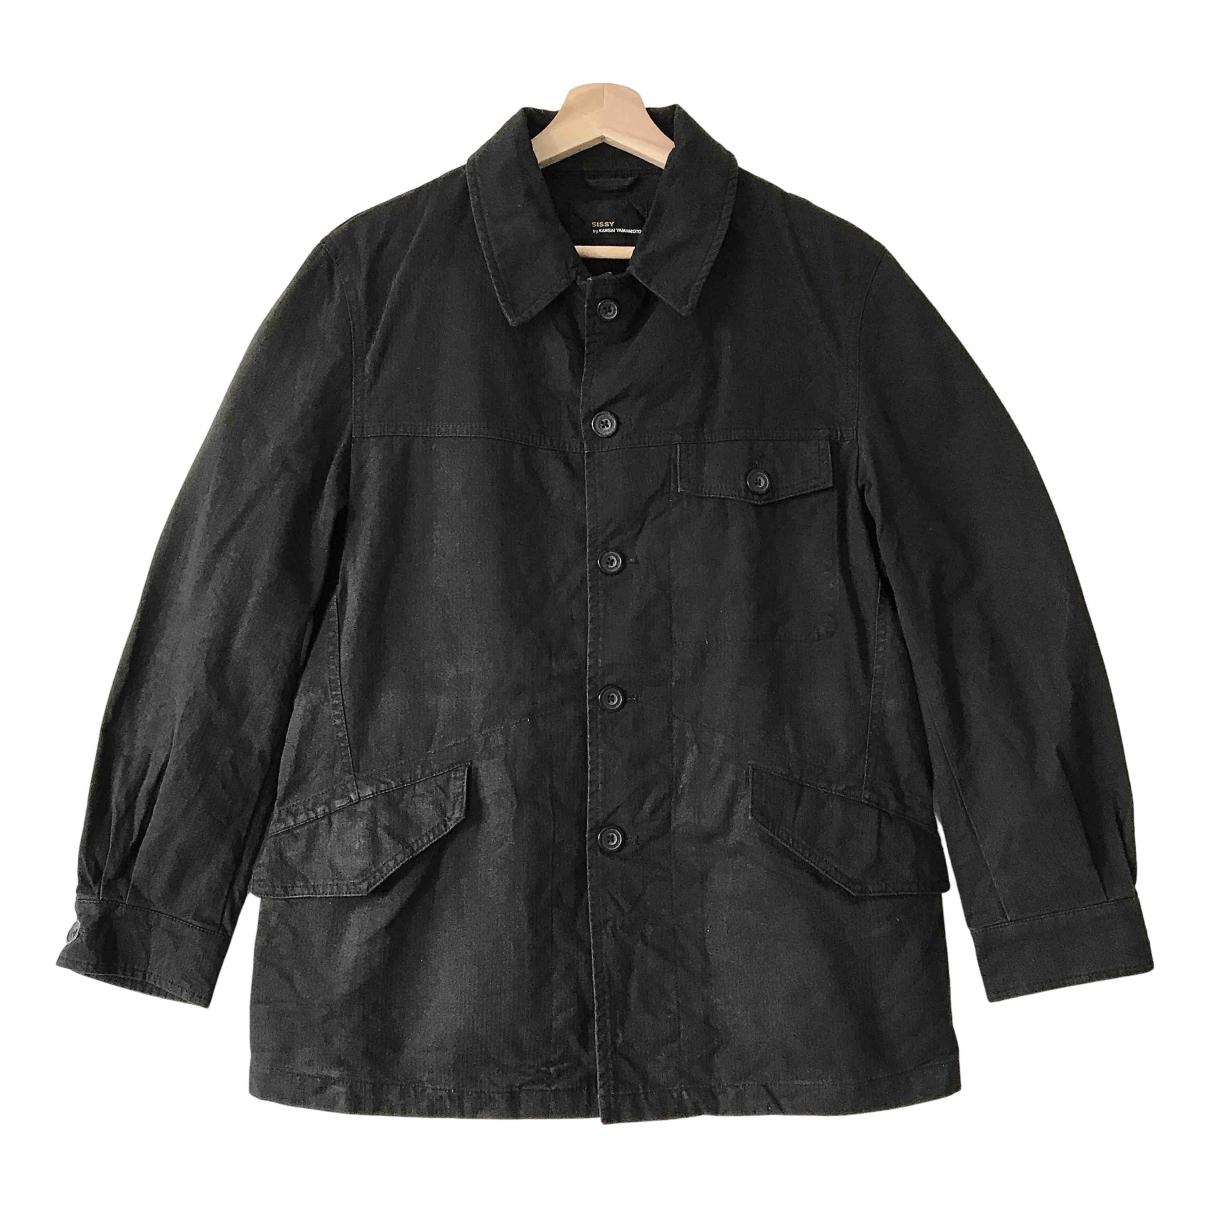 Kansai Yamamoto - Vestes.Blousons   pour homme en coton - noir